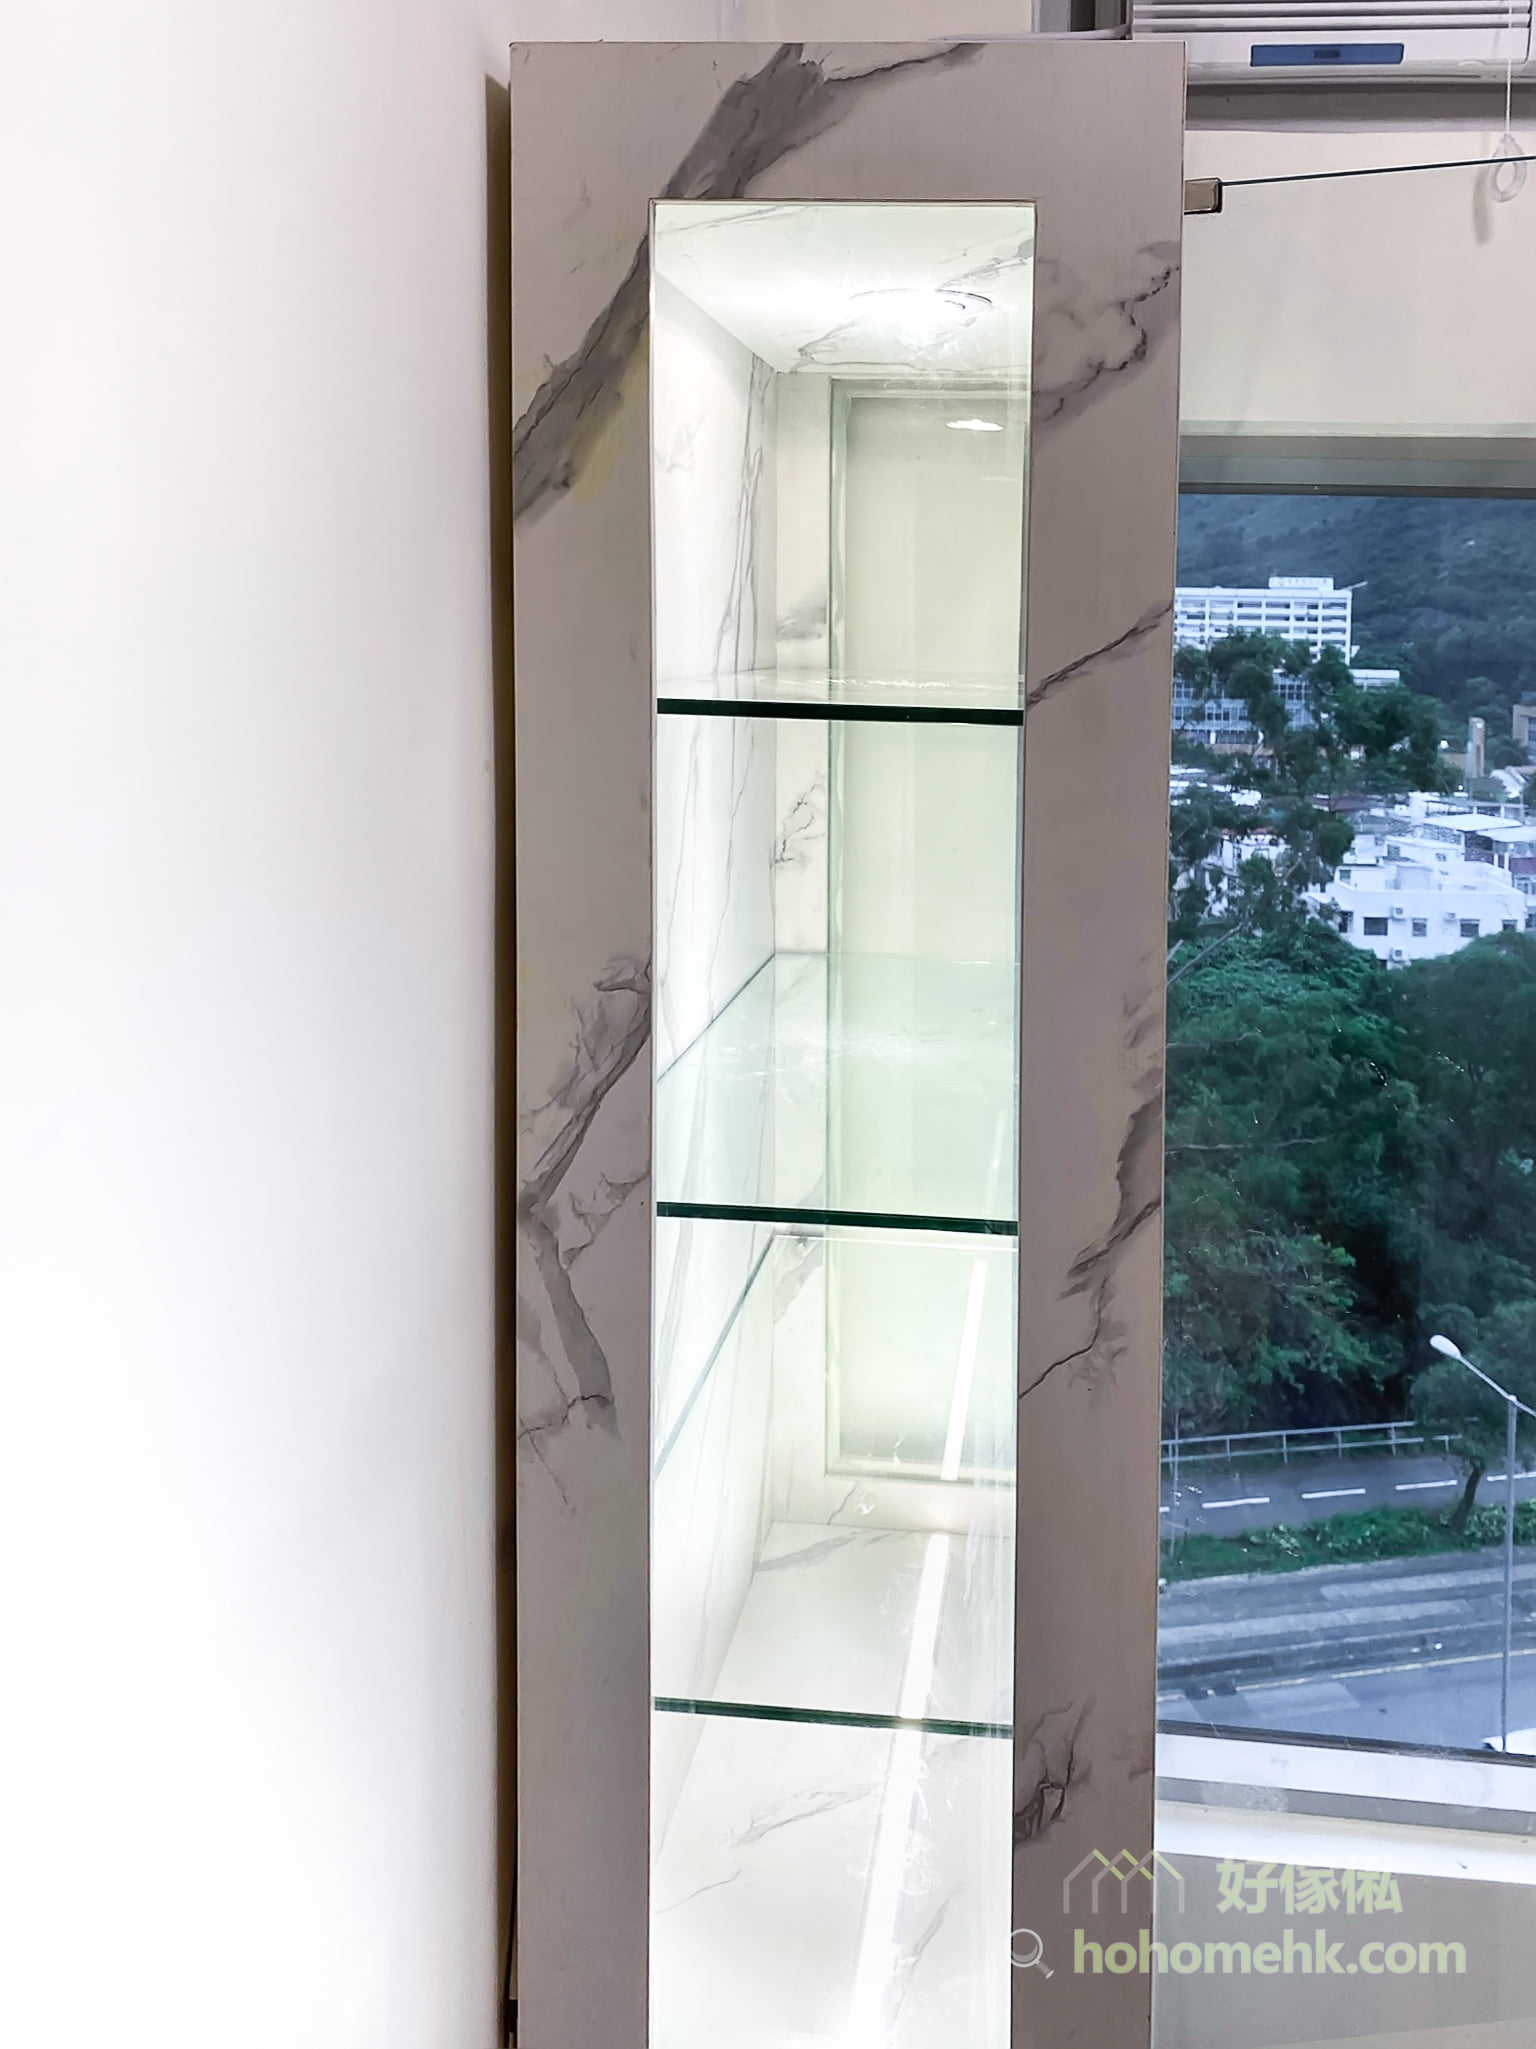 客廳的大理石紋飾物櫃, 櫃身兩側採用玻璃面, 多角度展示收藏品